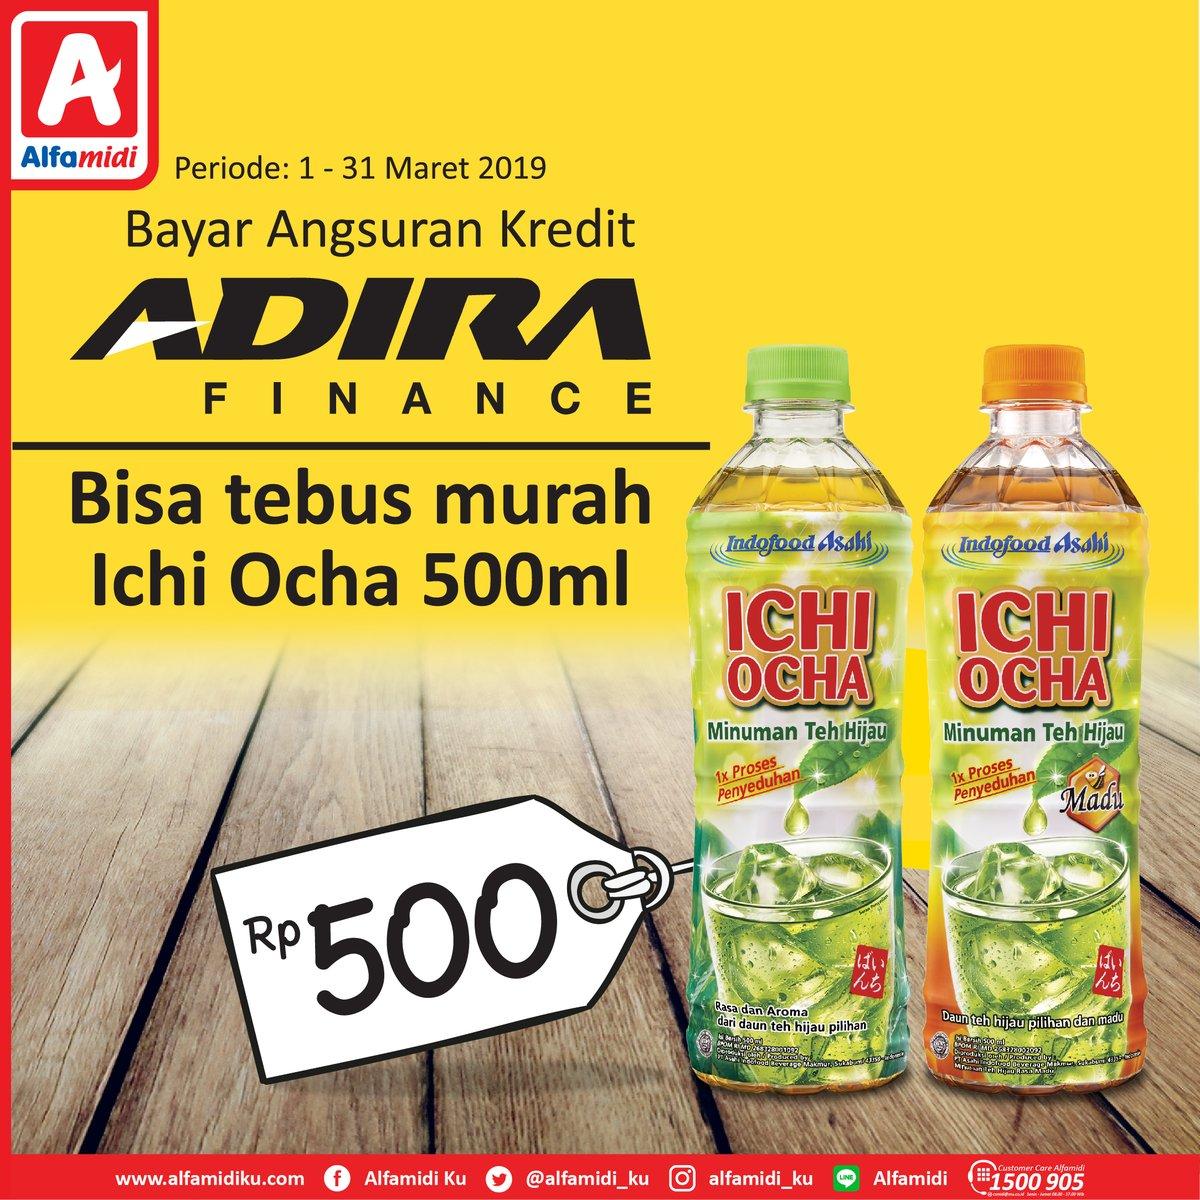 #Alfamidi - #promo Bayar Angsuran Kredit Adira & Bisa Tebus Murah Ichi Ocha (s.d 31 Maret 2019)